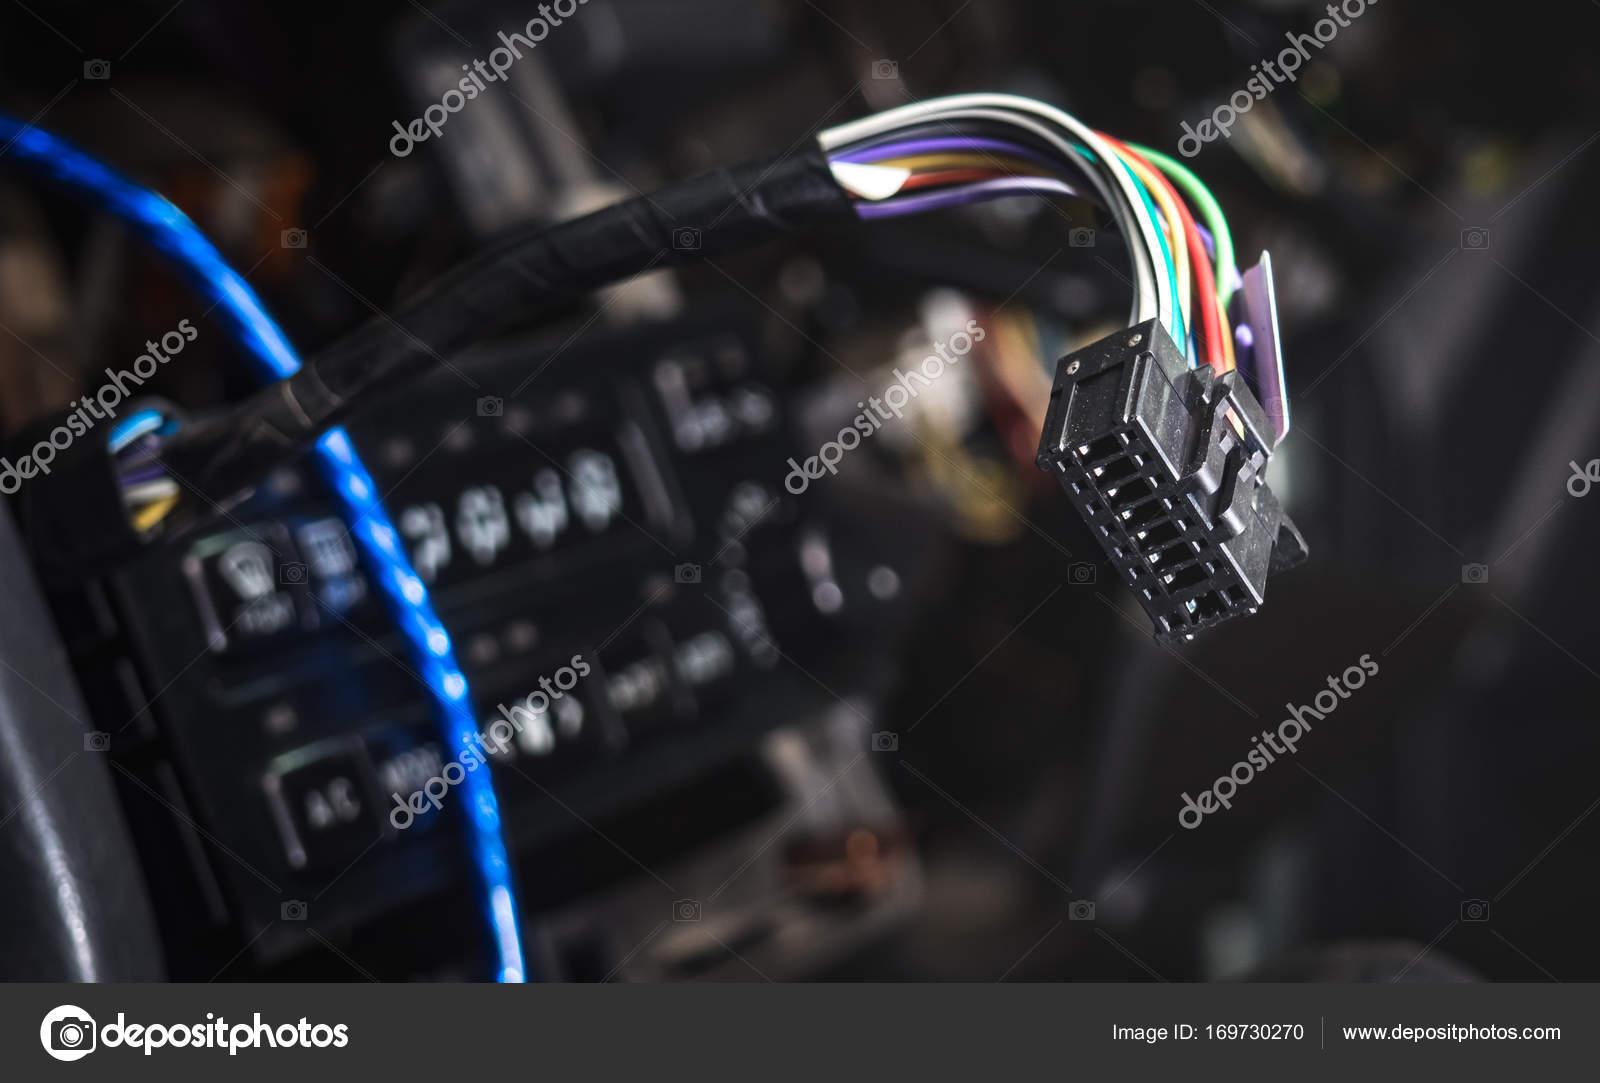 Stecker mit Kabel aus dem Gerät Klima-Steuerelement — Stockfoto ...